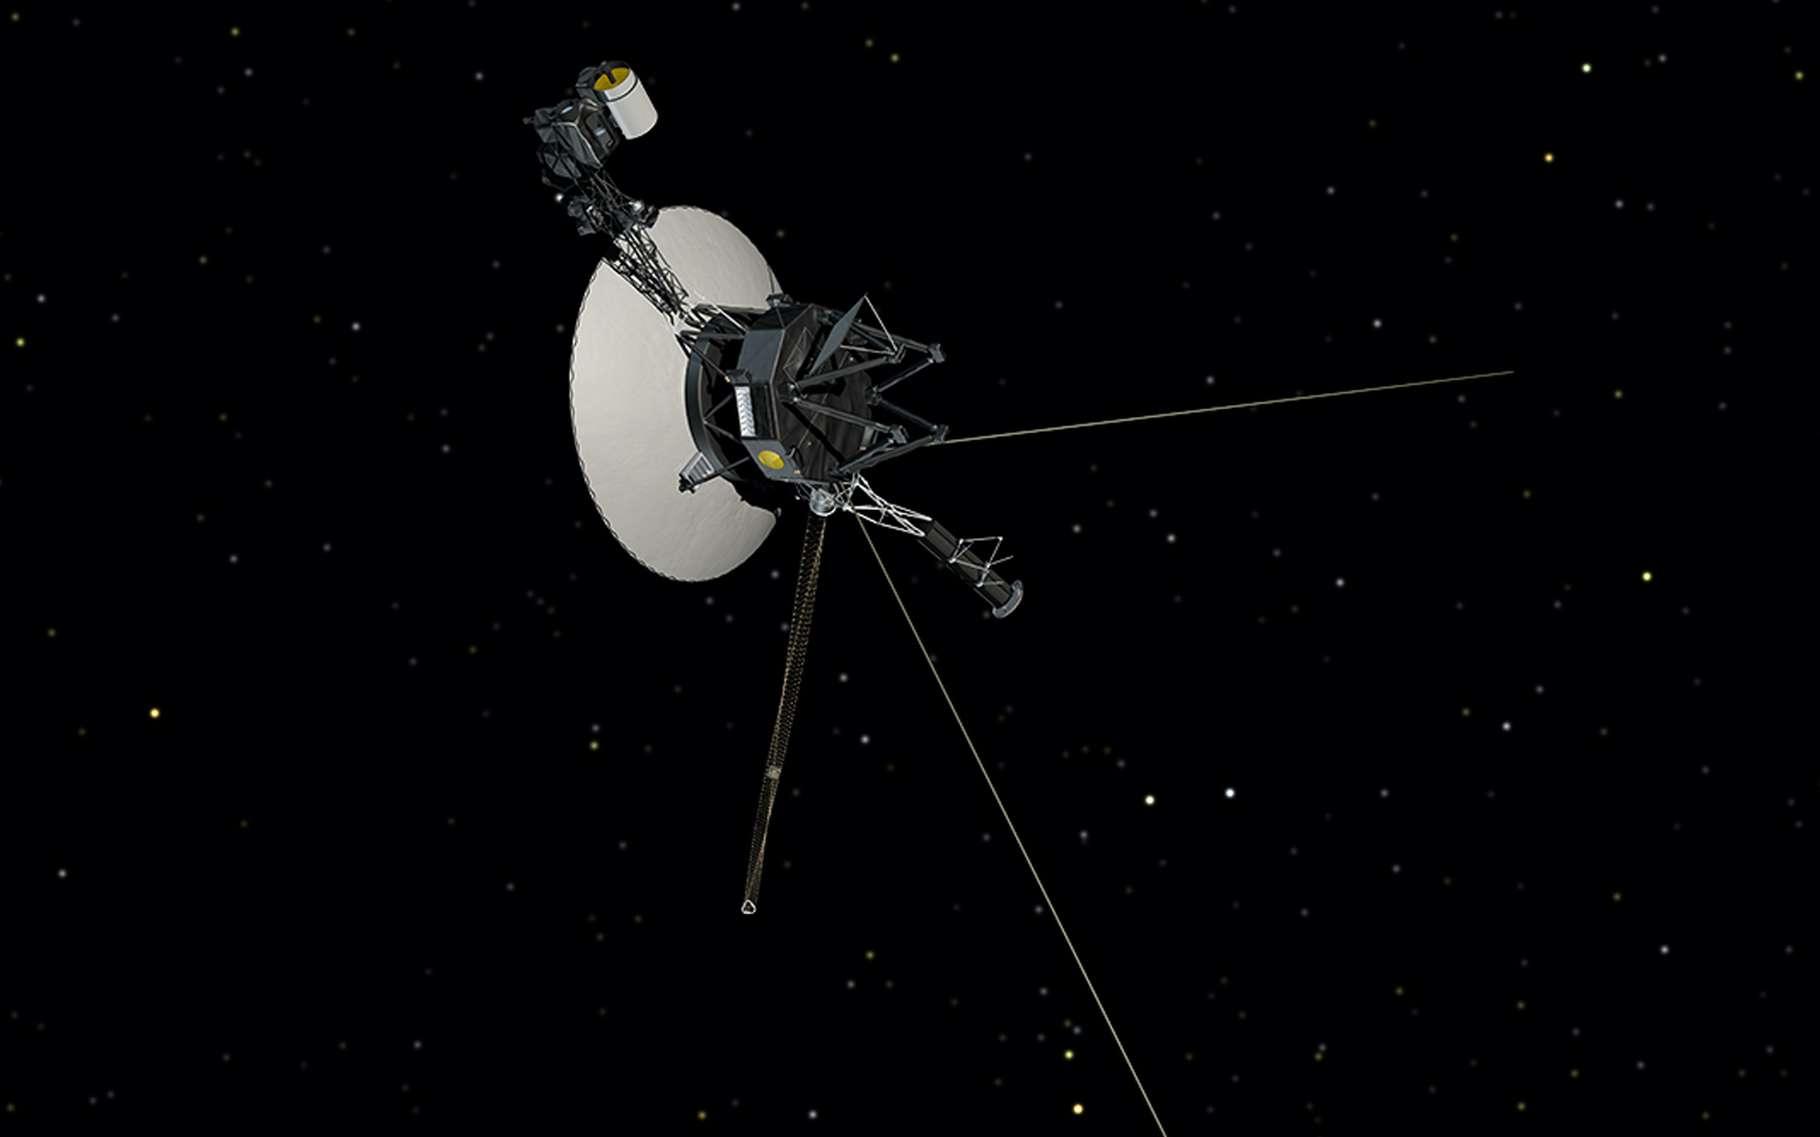 Une vue d'artiste de la sonde Voyager 2 qui fournit actuellement de précieuses informations sur l'espace interstellaire aux astronomes. © Nasa, JPL-Caltech